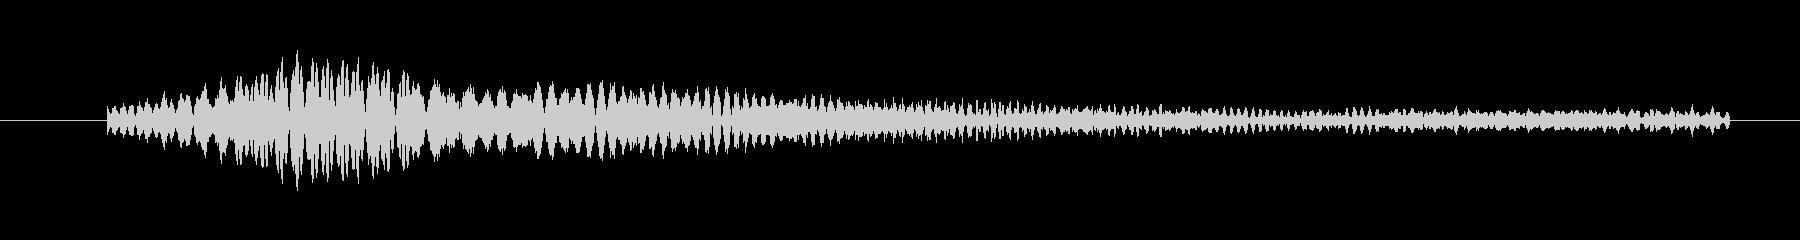 特撮 確認06の未再生の波形